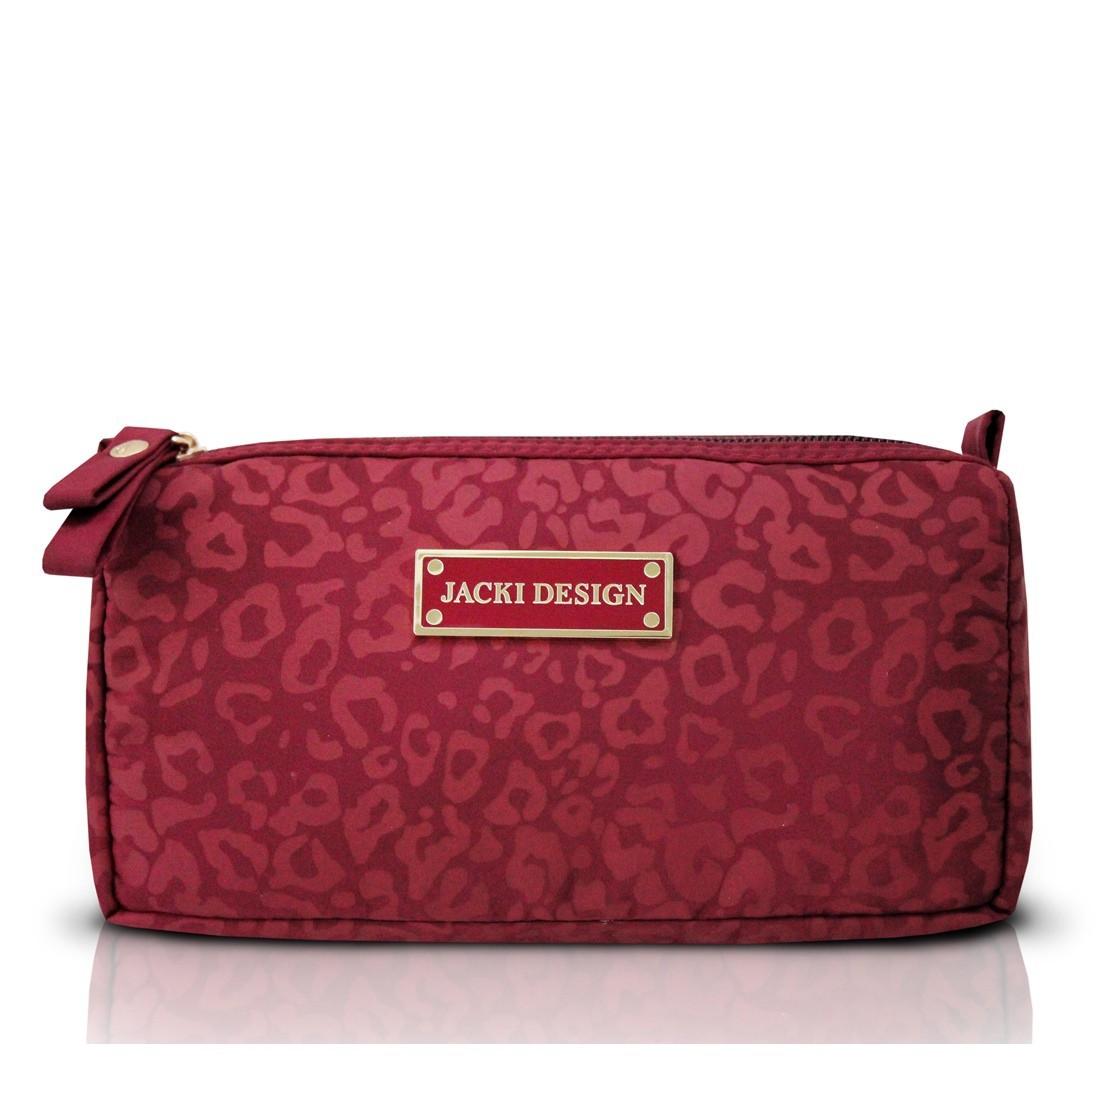 Necessaire de Bolsa Onça Jacki Design Miss Chantelle